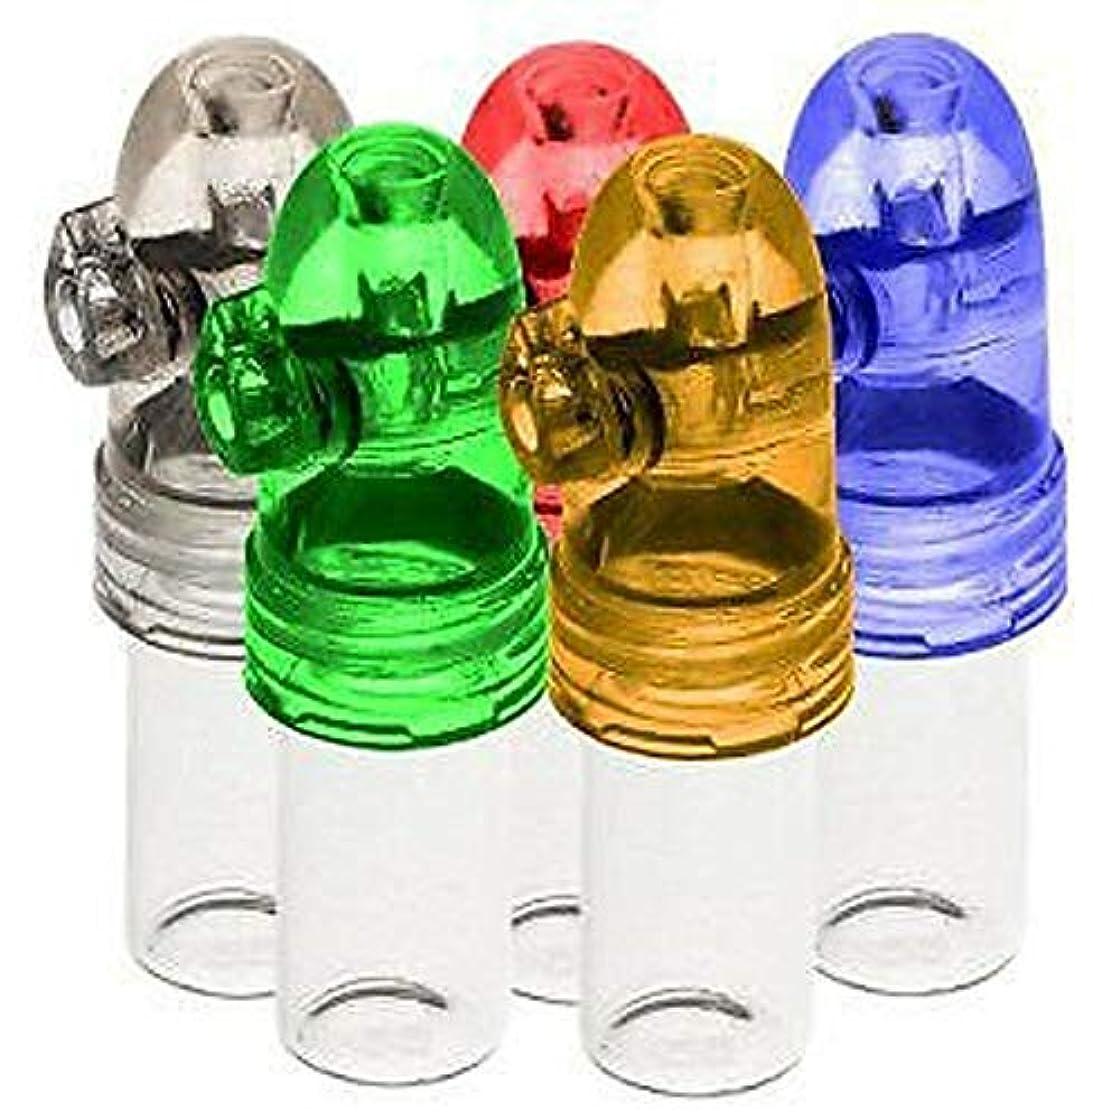 地獄小競り合い予備Pichidr-JP スナッフブレット スナフボトル スノーターブレットロケットシェイプ 鼻の嗅ぎ ガラスボトル、クリア